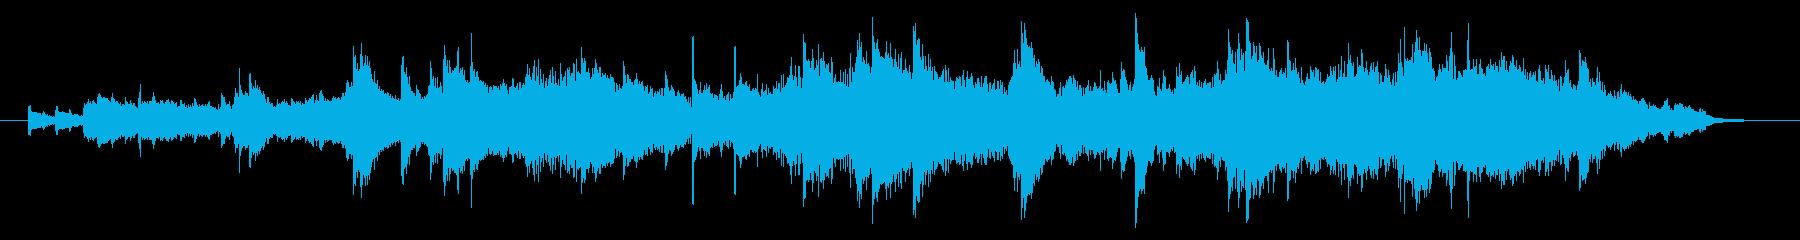 爽やかで神秘的なピアノ曲の再生済みの波形